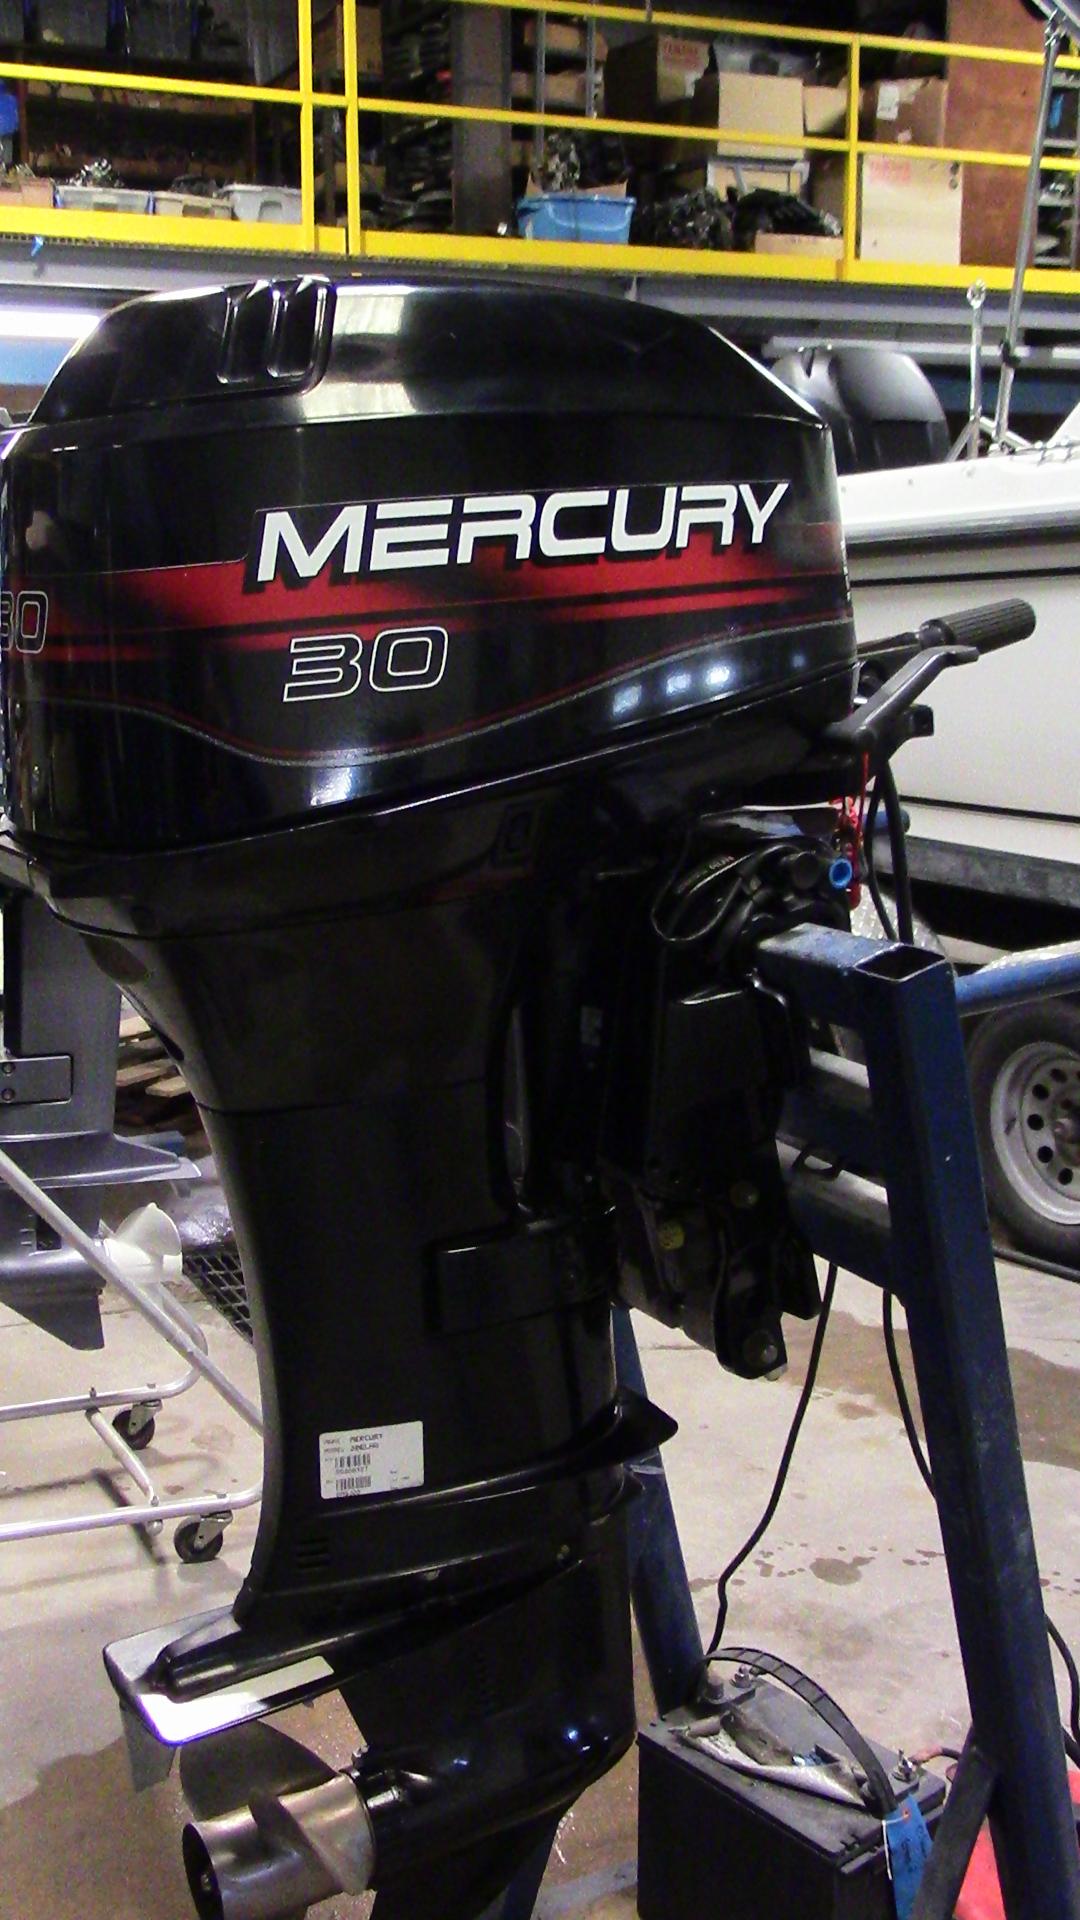 Used 1996 Mercury 30elho 30hp 2 Stroke Tiller Outboard